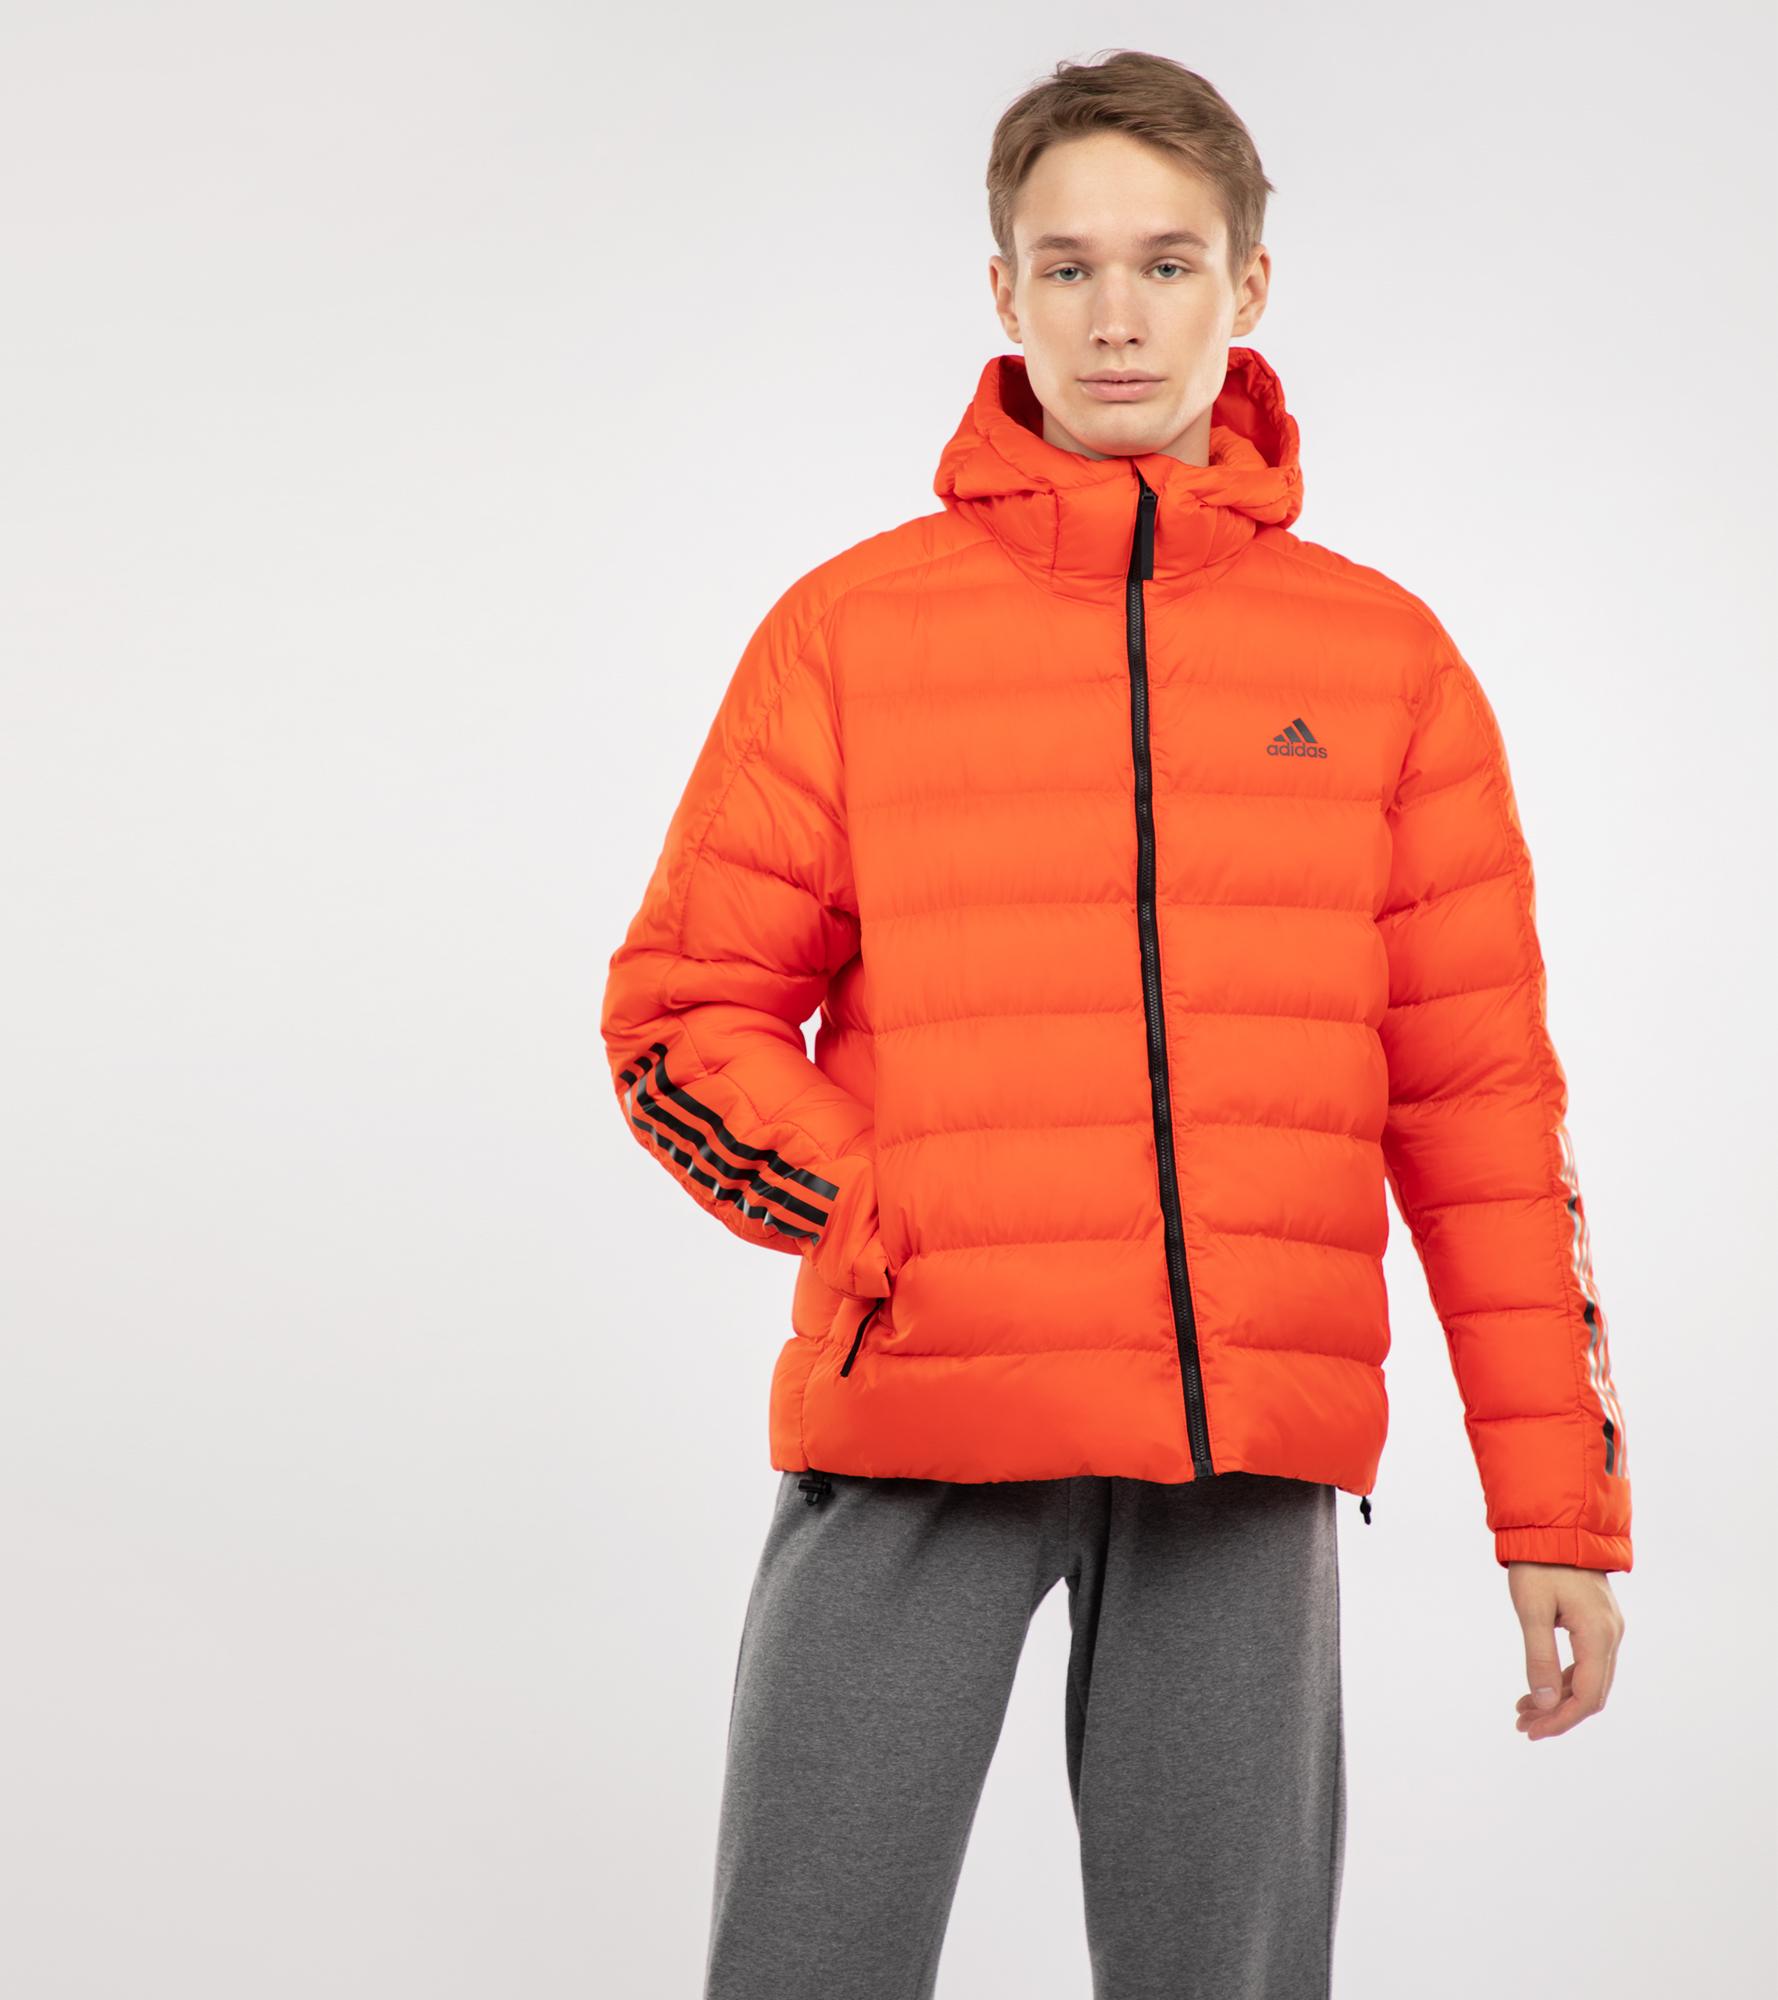 Adidas Куртка утепленная мужская Itavic 3-Stripes 2.0, размер 52